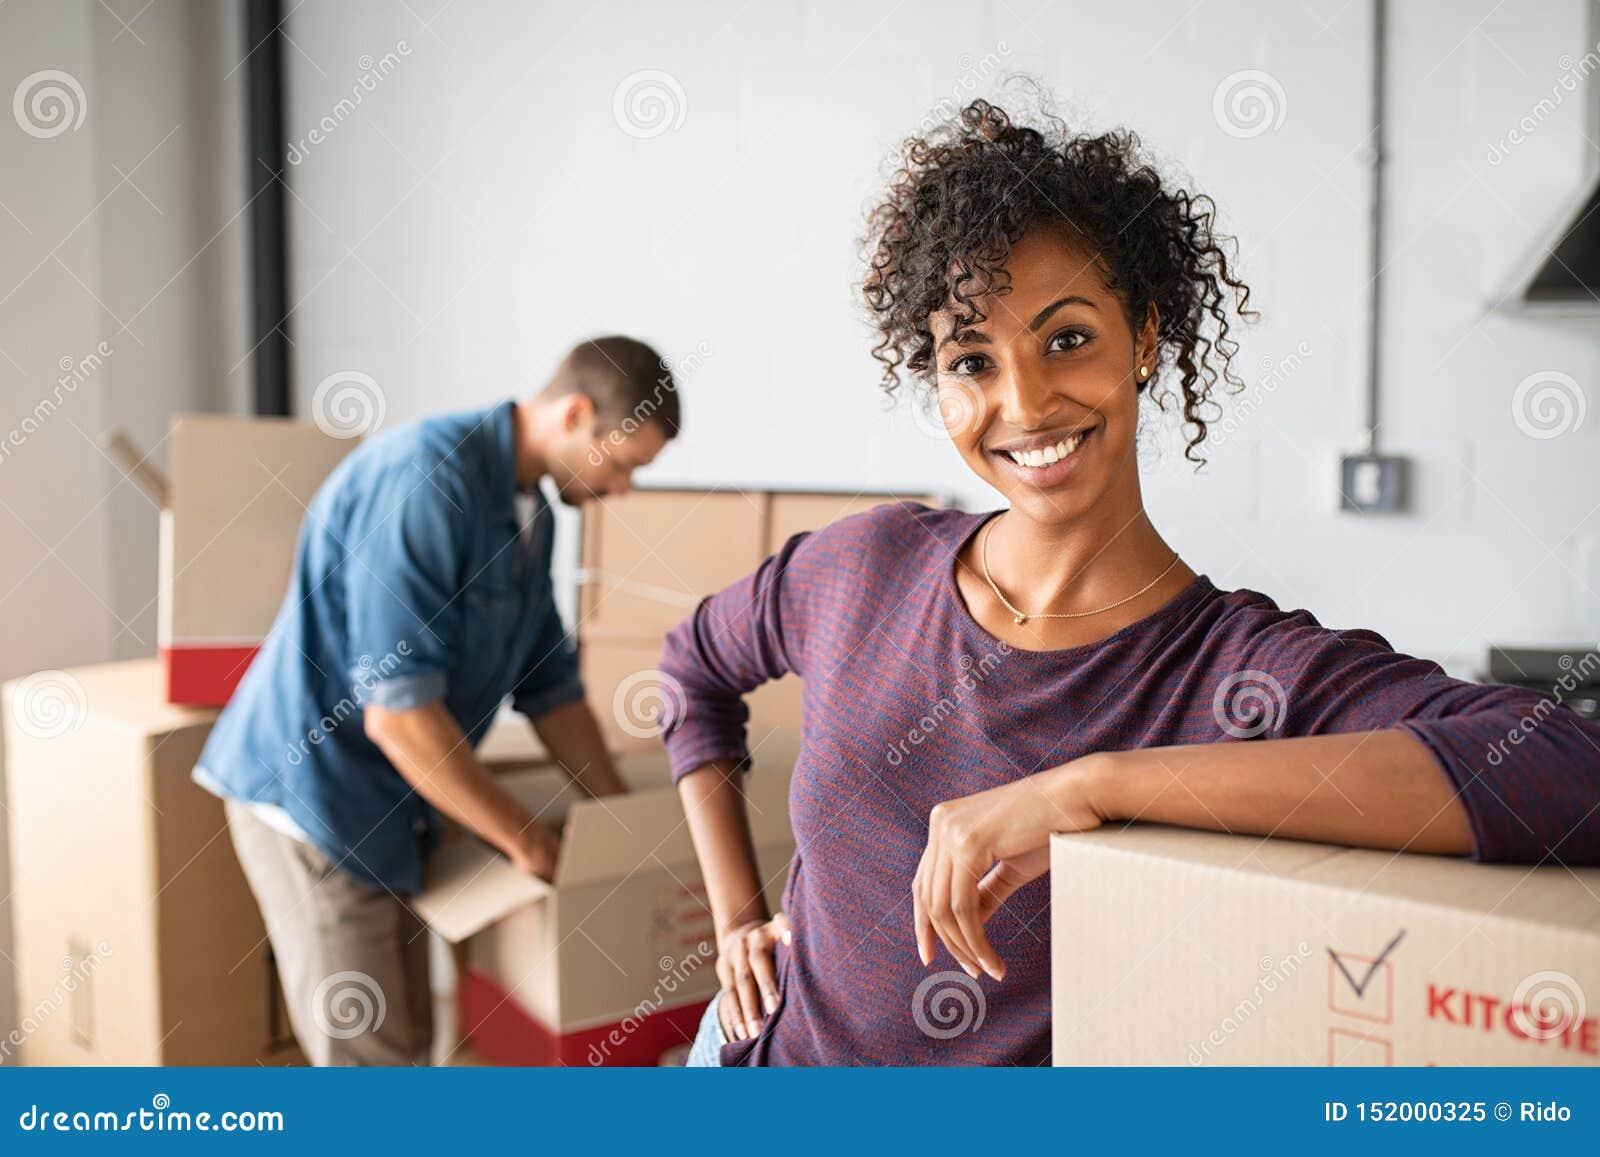 Vrouw die op kartondoos leunen terwijl het bewegen van huis